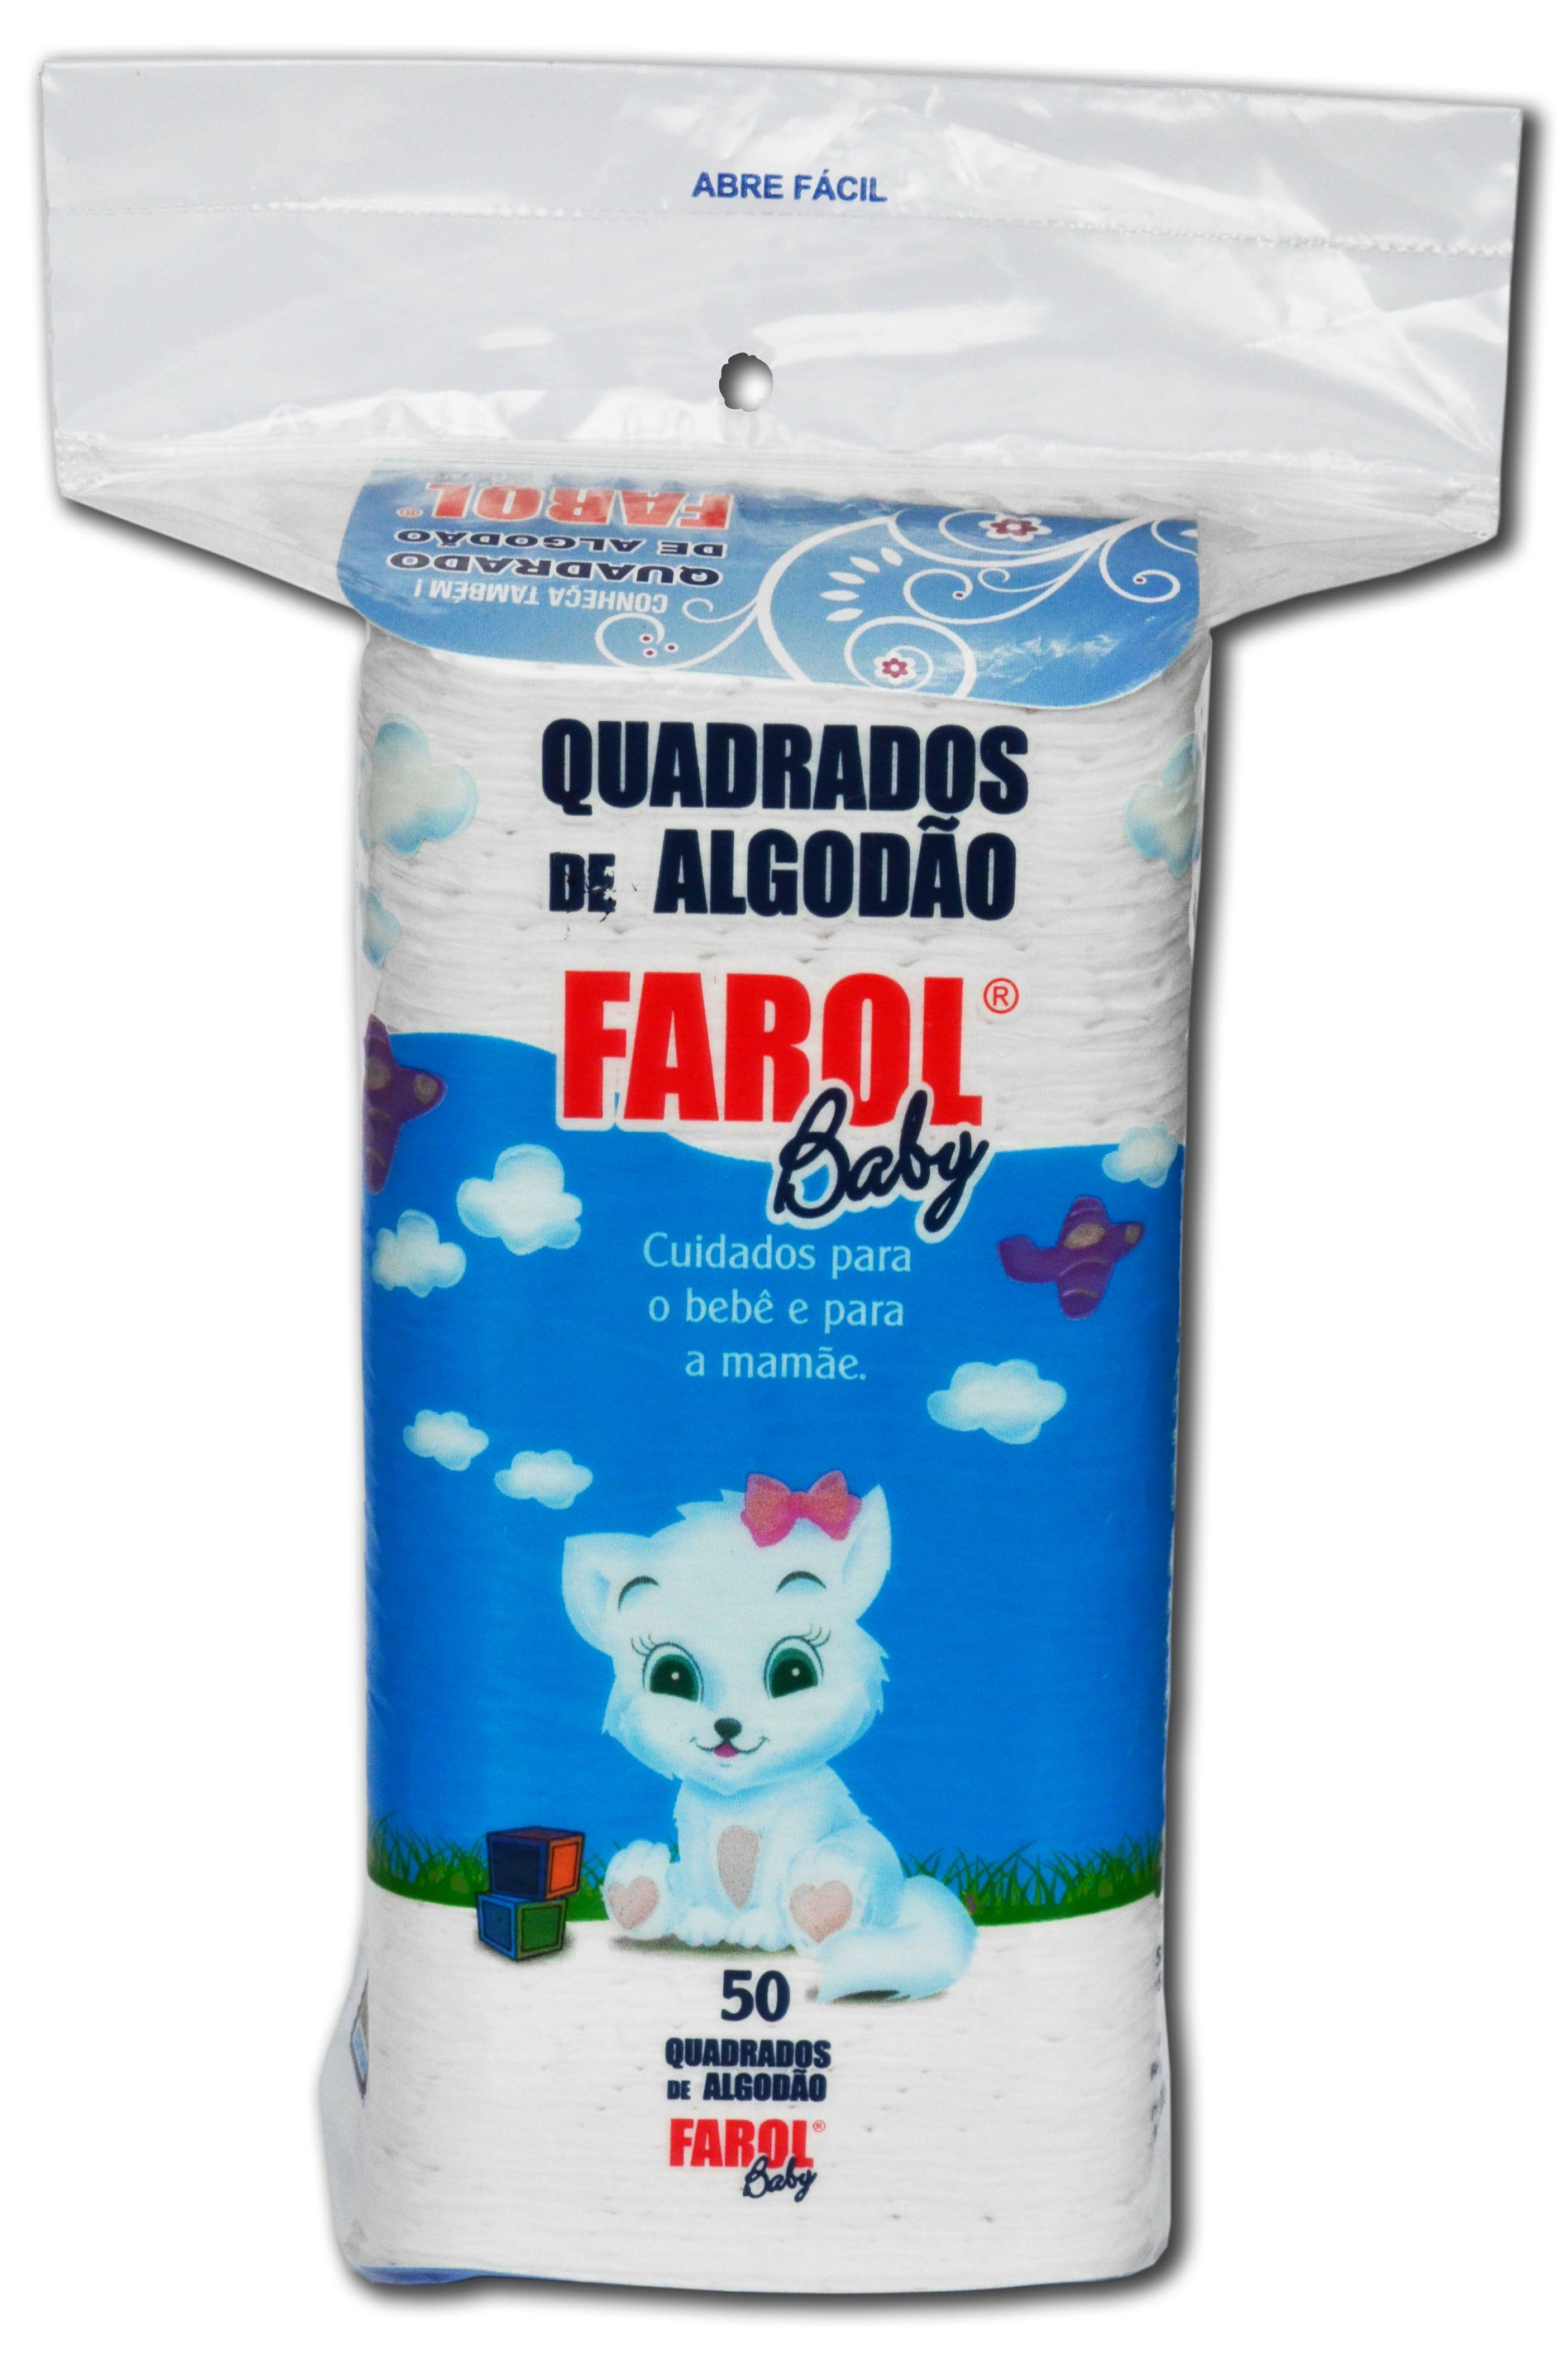 Quadrado de Algodão Hidrófilo FAROL Baby 50 unid.